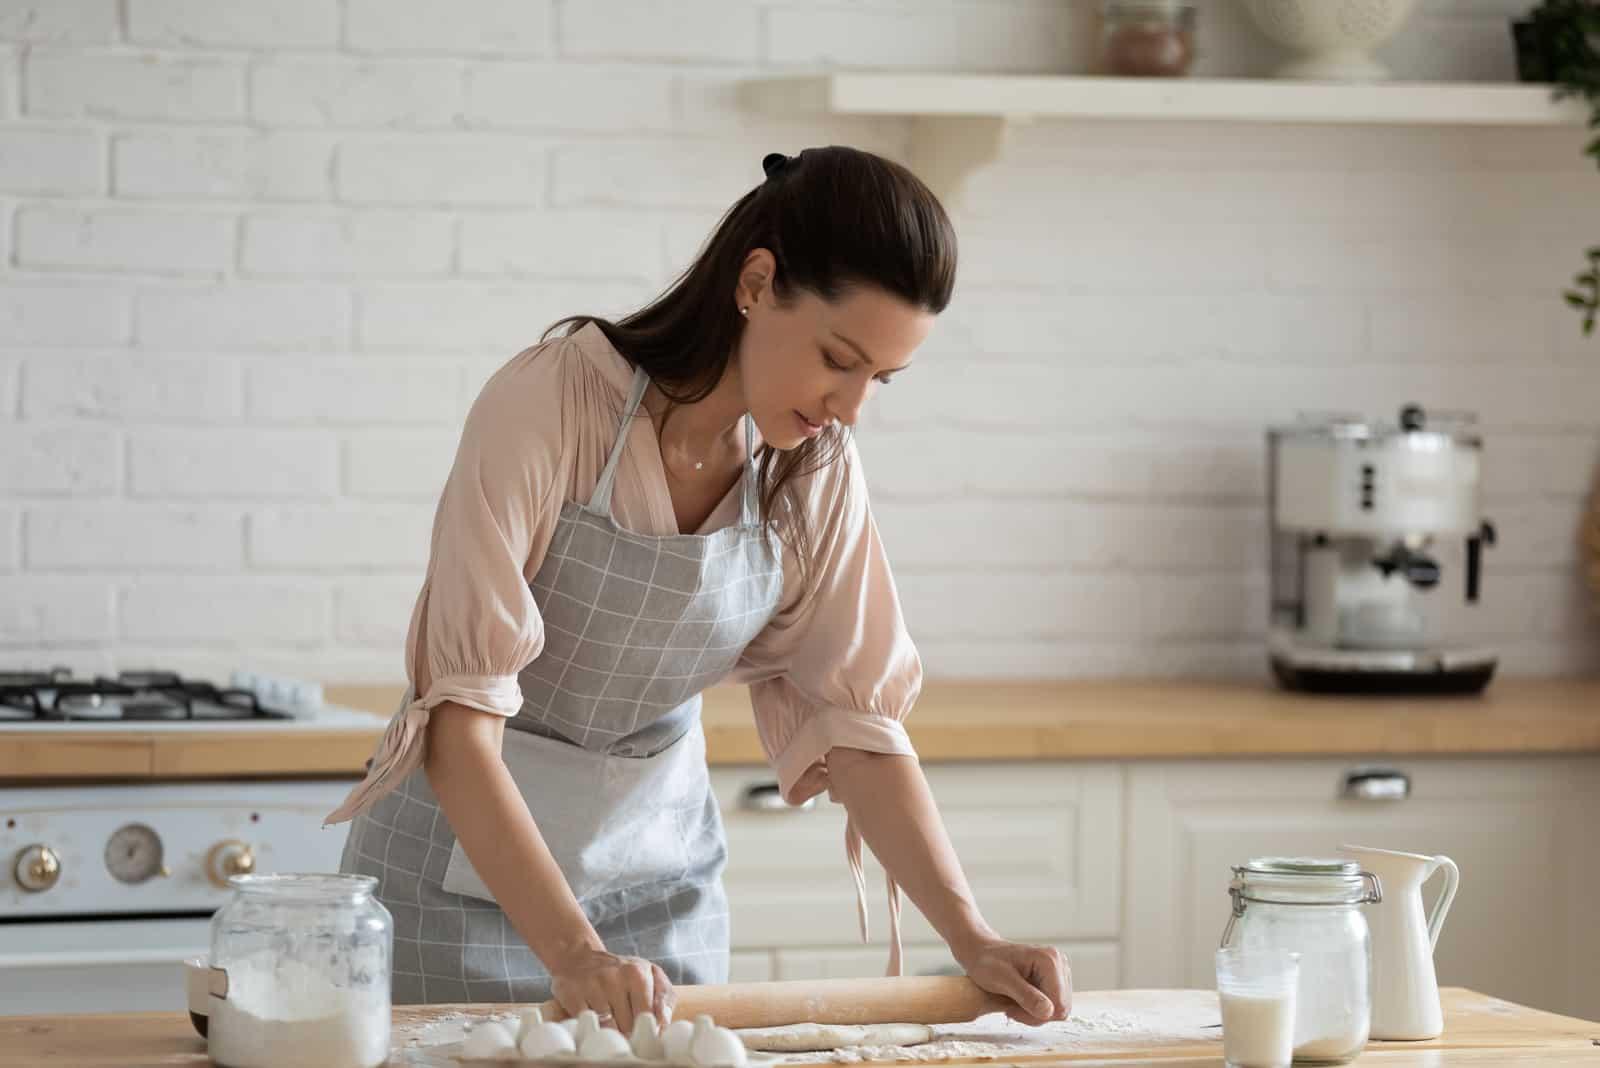 une femme sérieuse cuisine